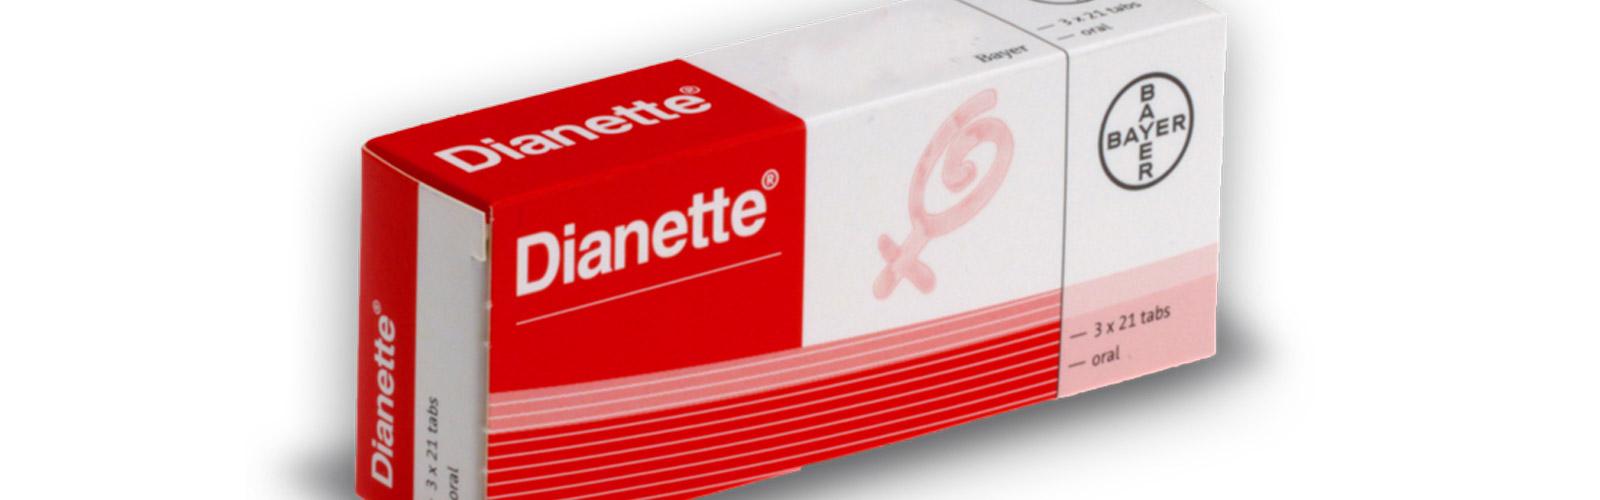 Bewertungen für Diane 35 Online & in Deutschland